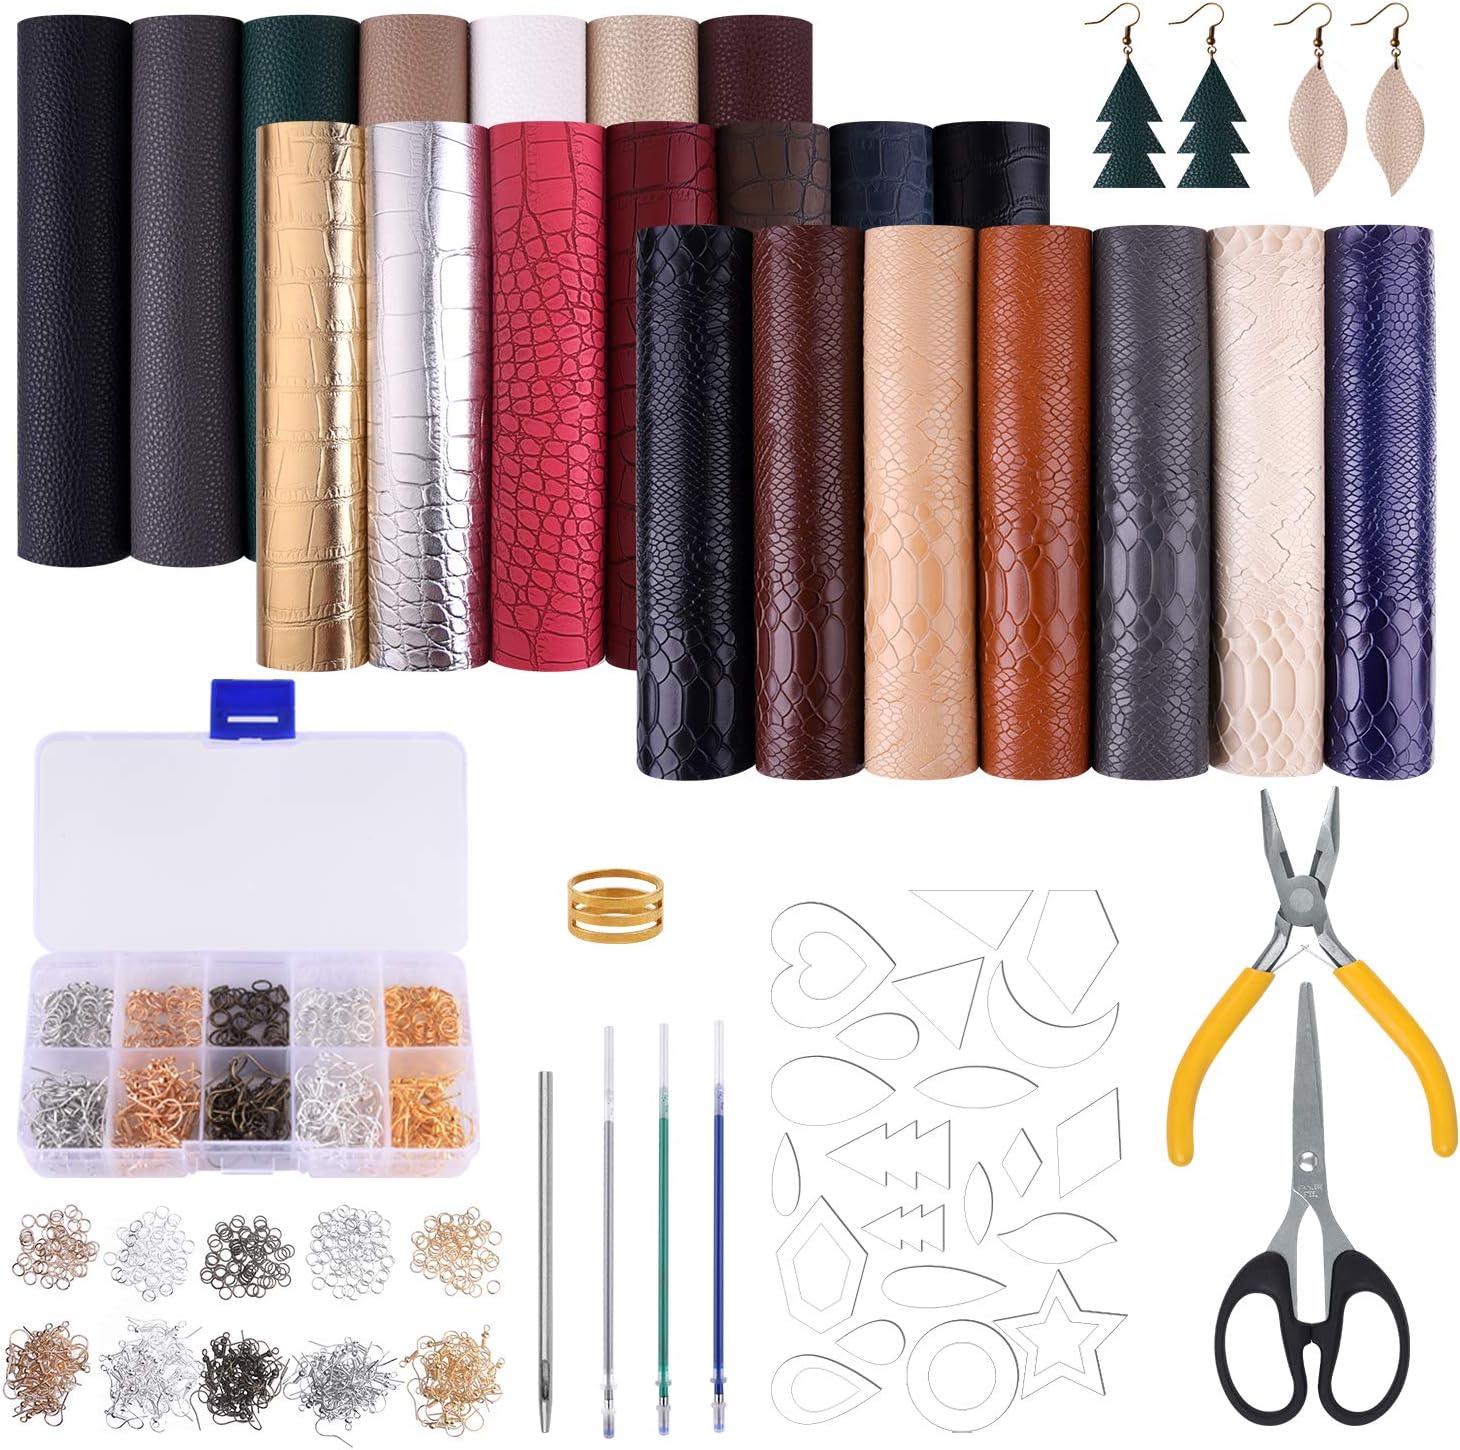 MIAHART 21 hojas de piel sintética con moldes de corte de pendiente y aretes de cuero para hacer aros y manualidades de cuero (6 x 8,3 pulgadas, 3 estilos)